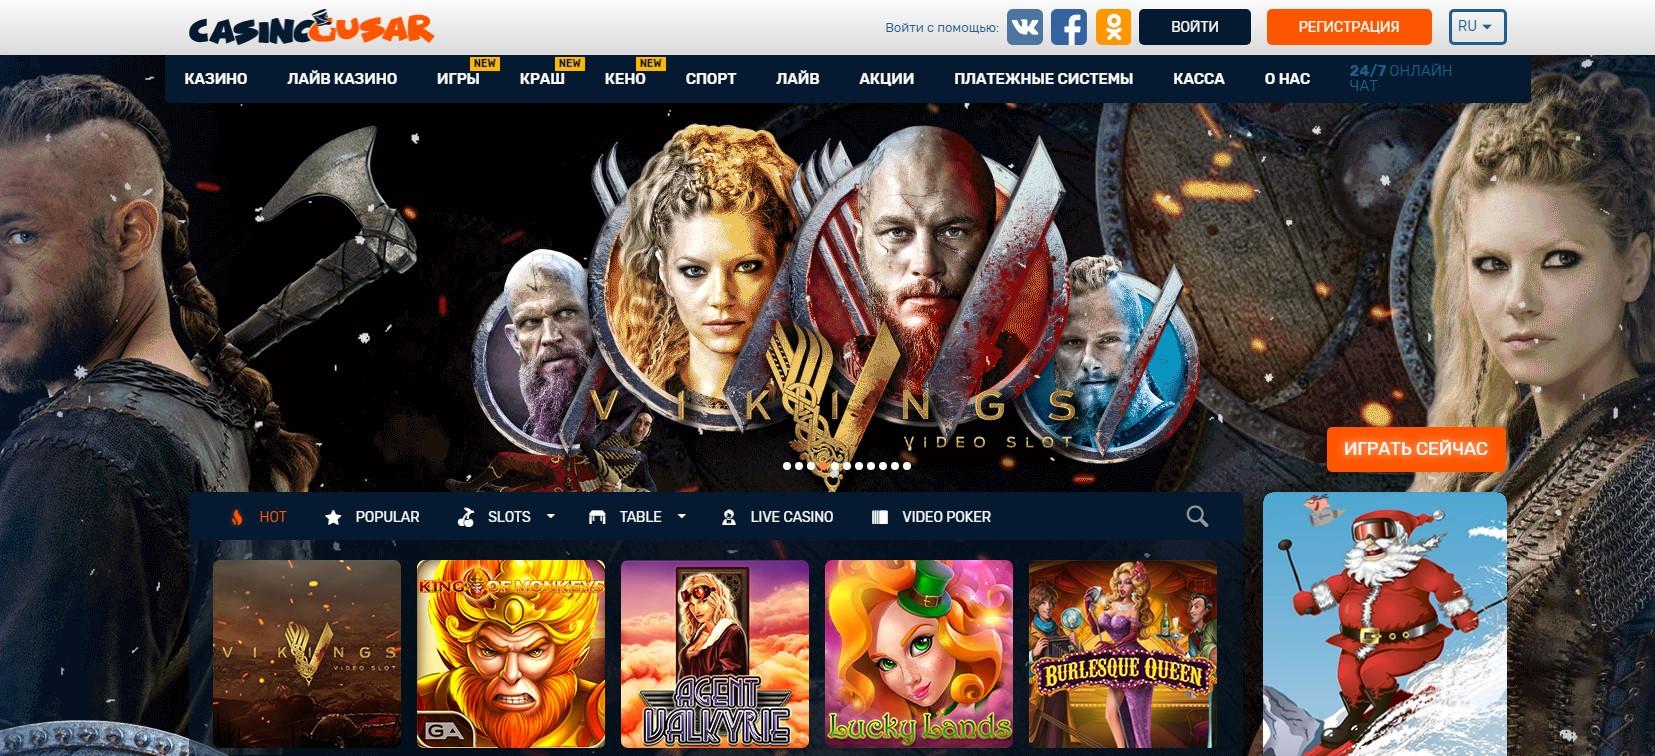 Казино Гусар - Официальный сайт